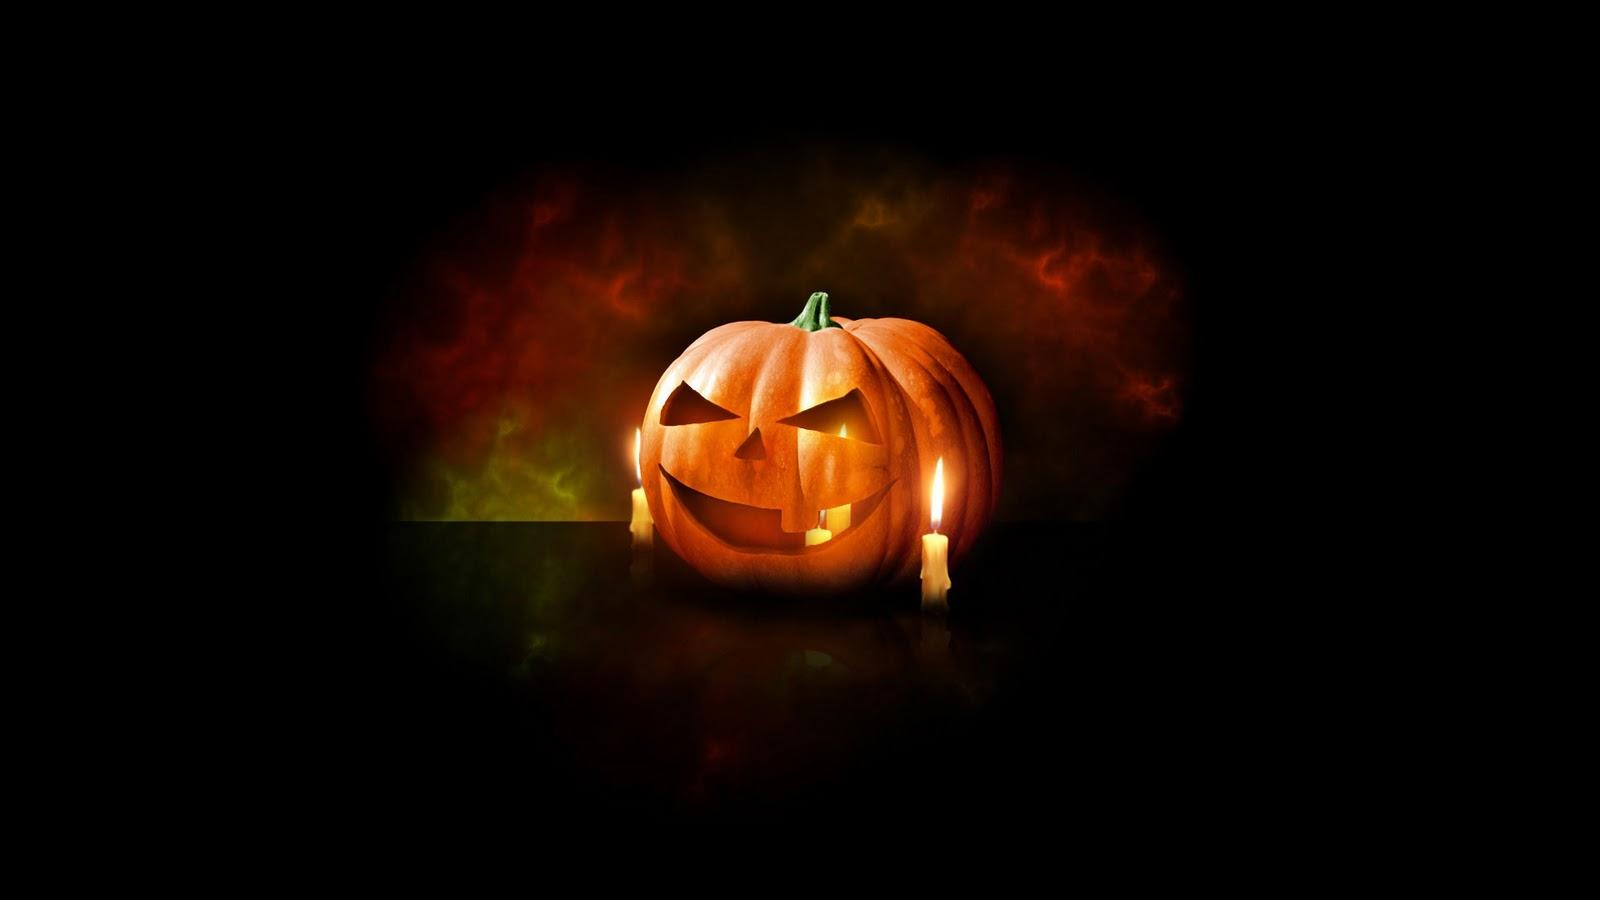 Best Desktop HD Wallpaper   Halloween Wallpapers. Desktop Halloween Wallpaper   WallpaperSafari